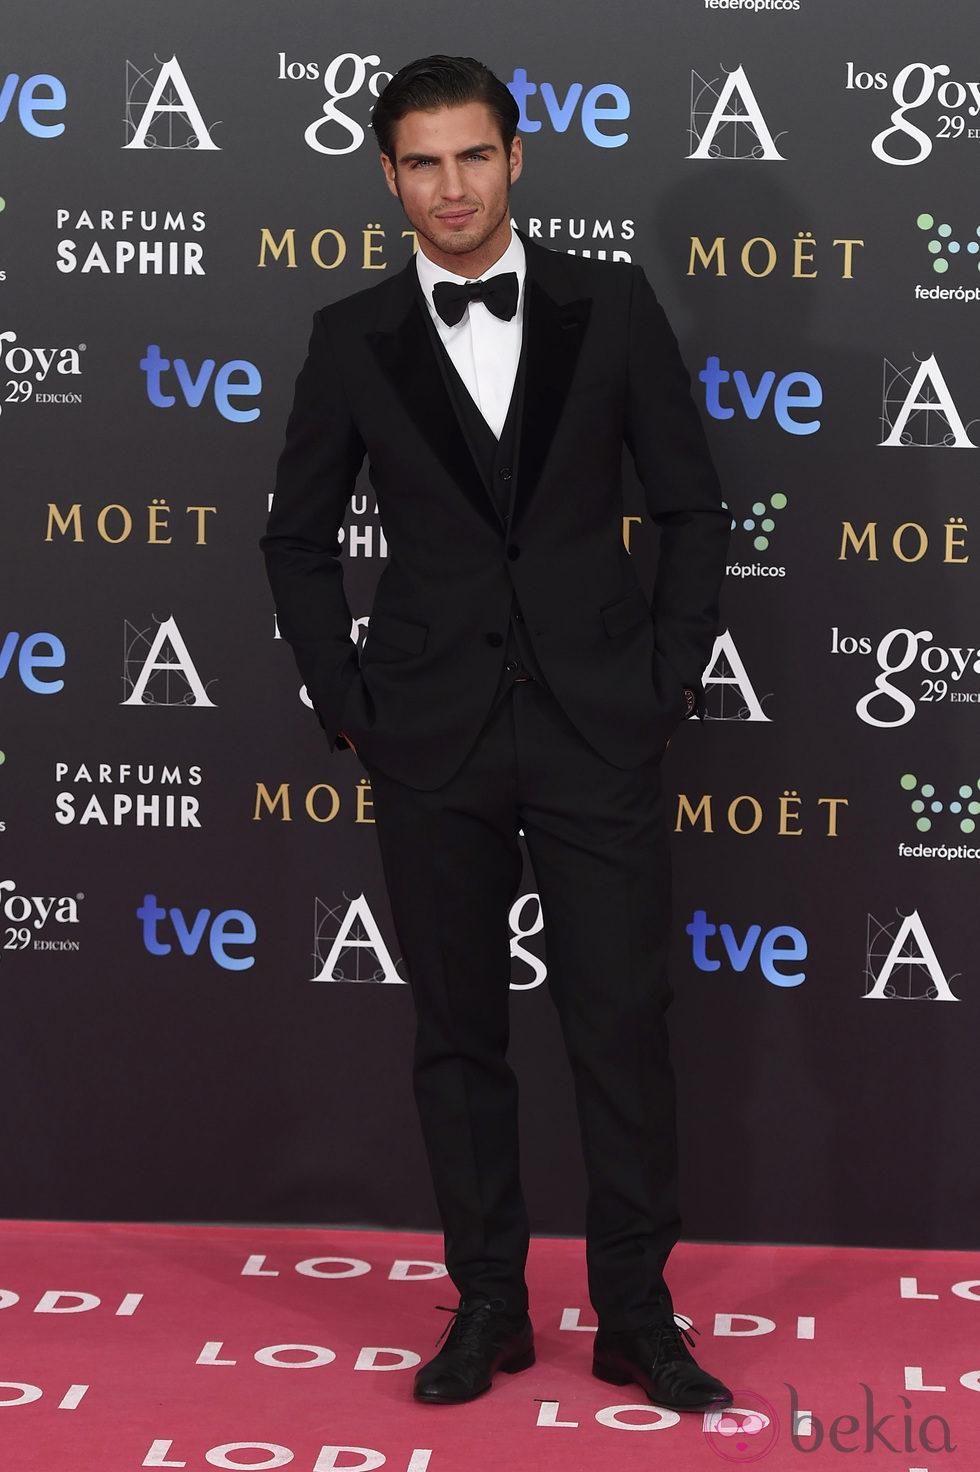 Maxi Iglesias en la alfombra roja de los Goya 2015